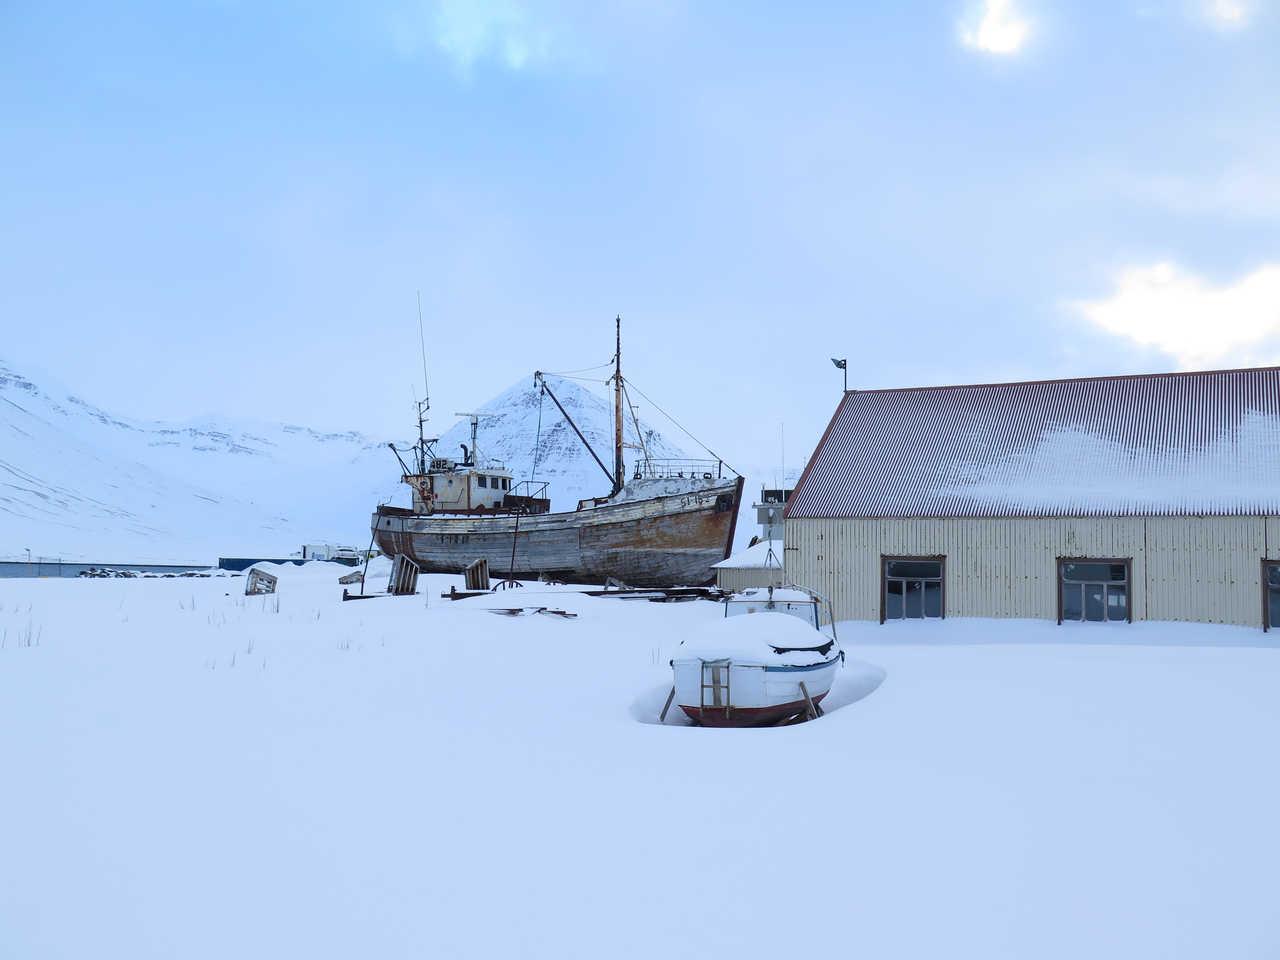 Bateau dans la neige, Islande